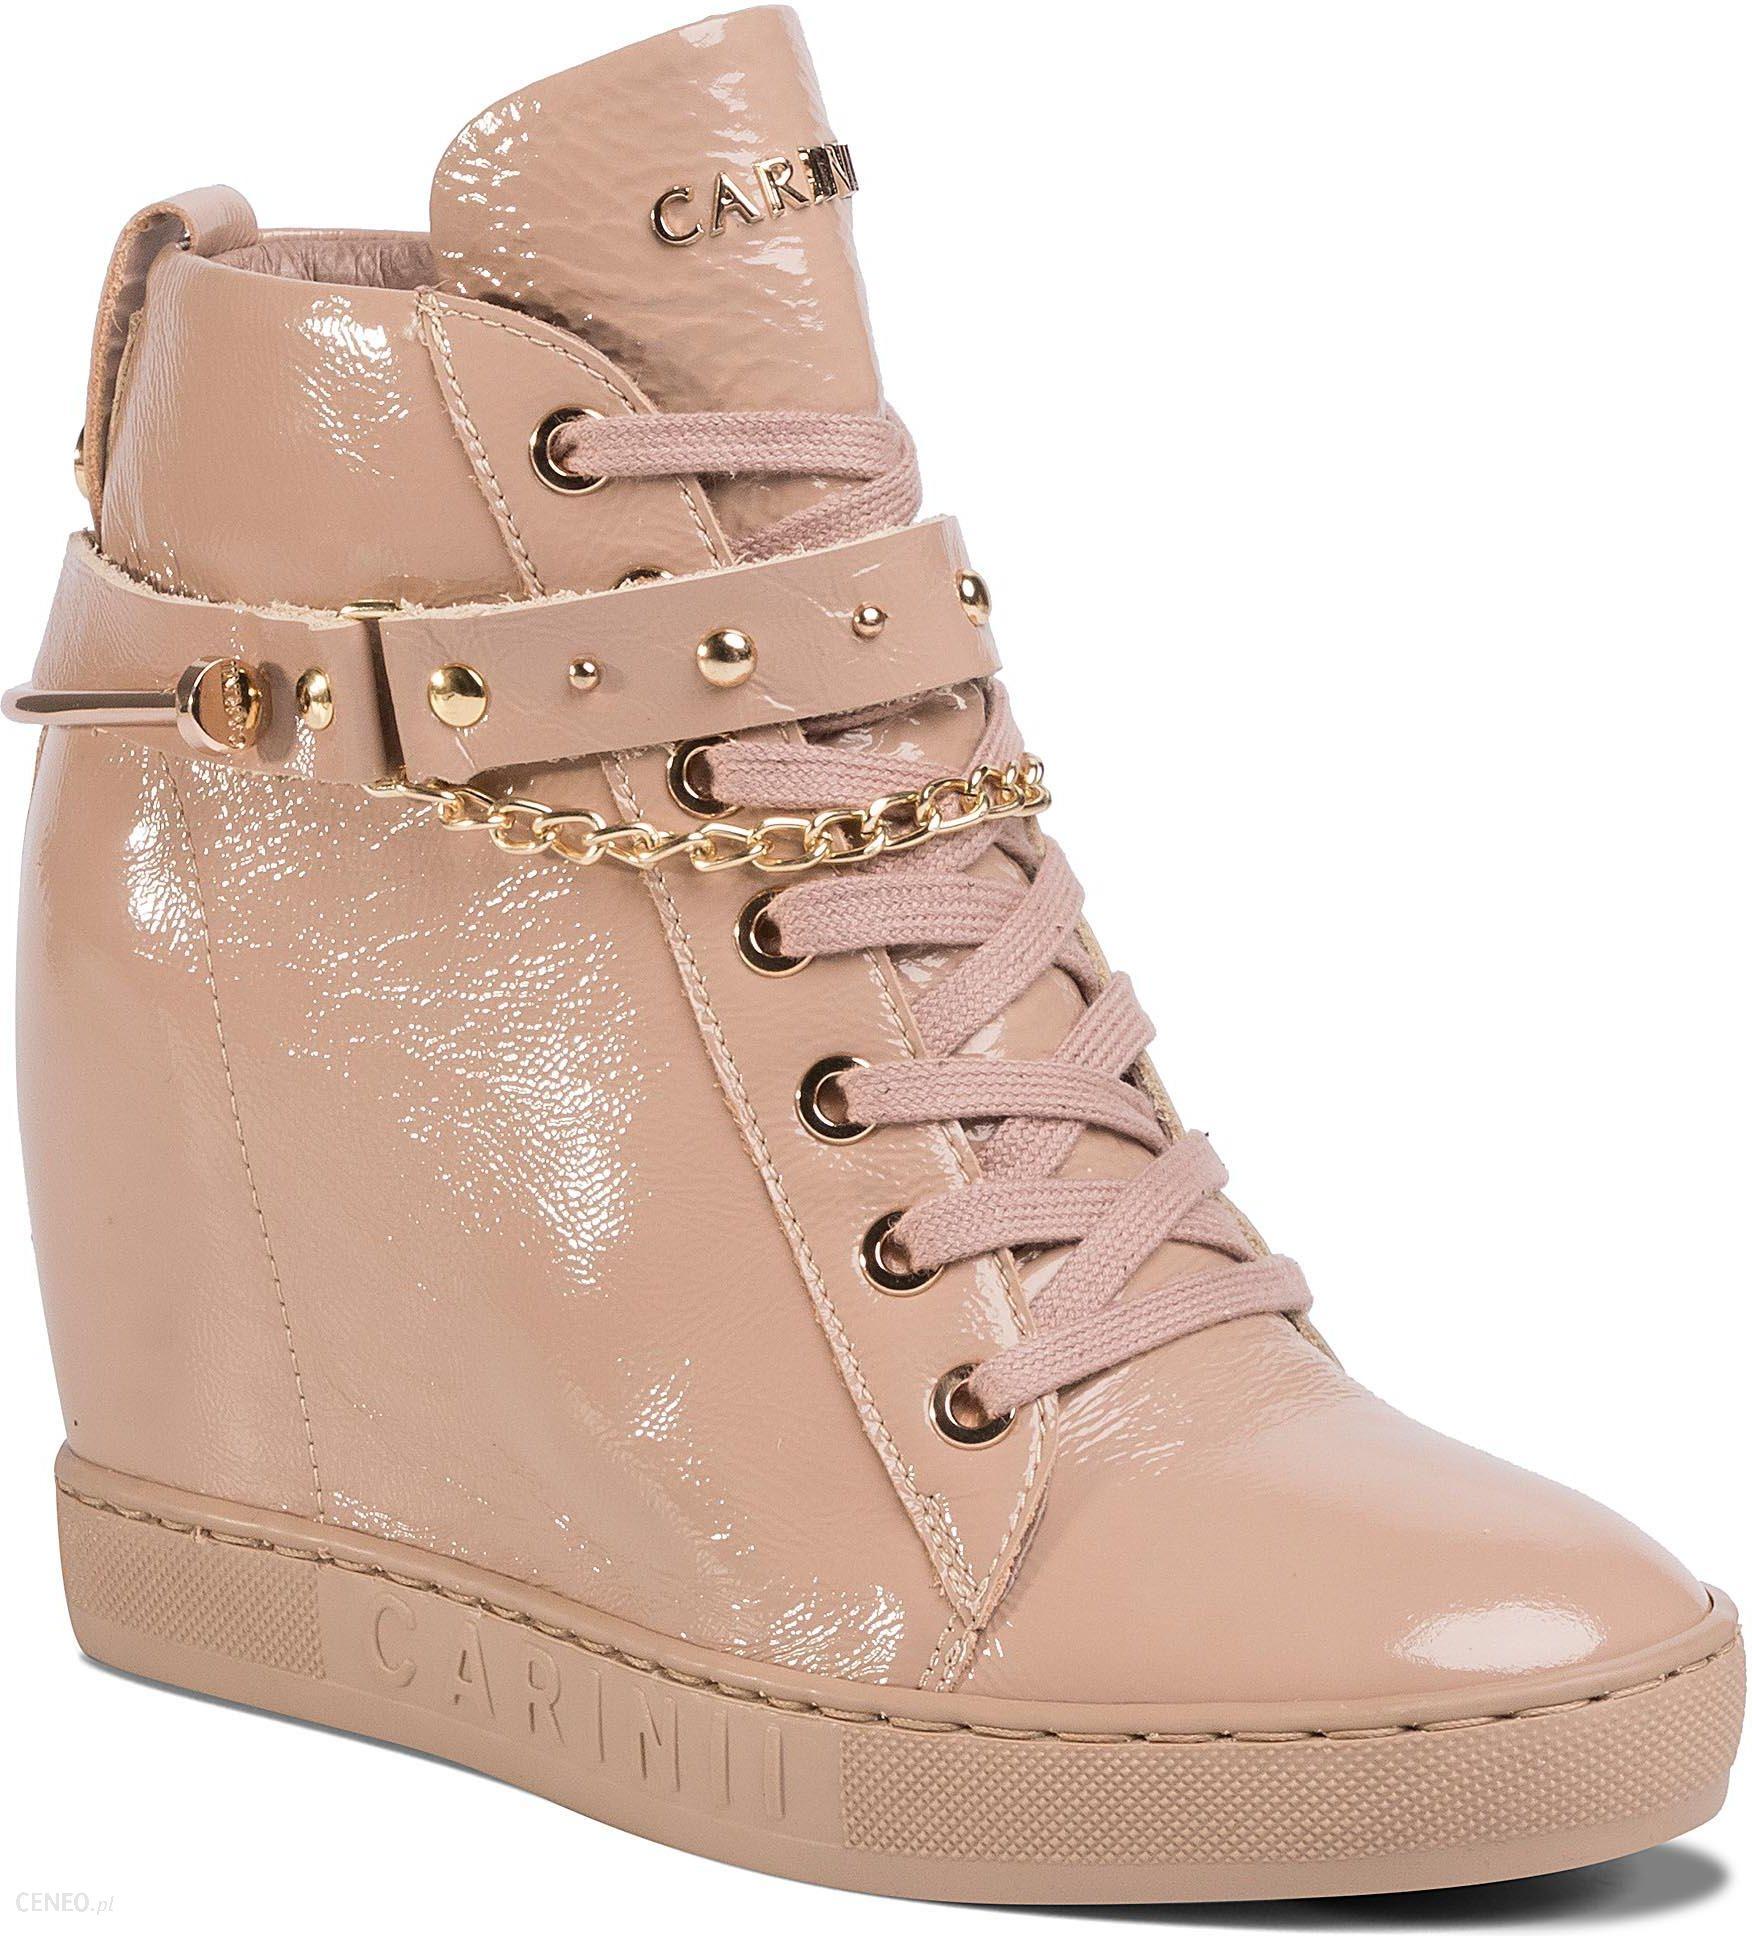 Sneakersy CARINII B5277 O31 000 000 B88 Ceny i opinie Ceneo.pl